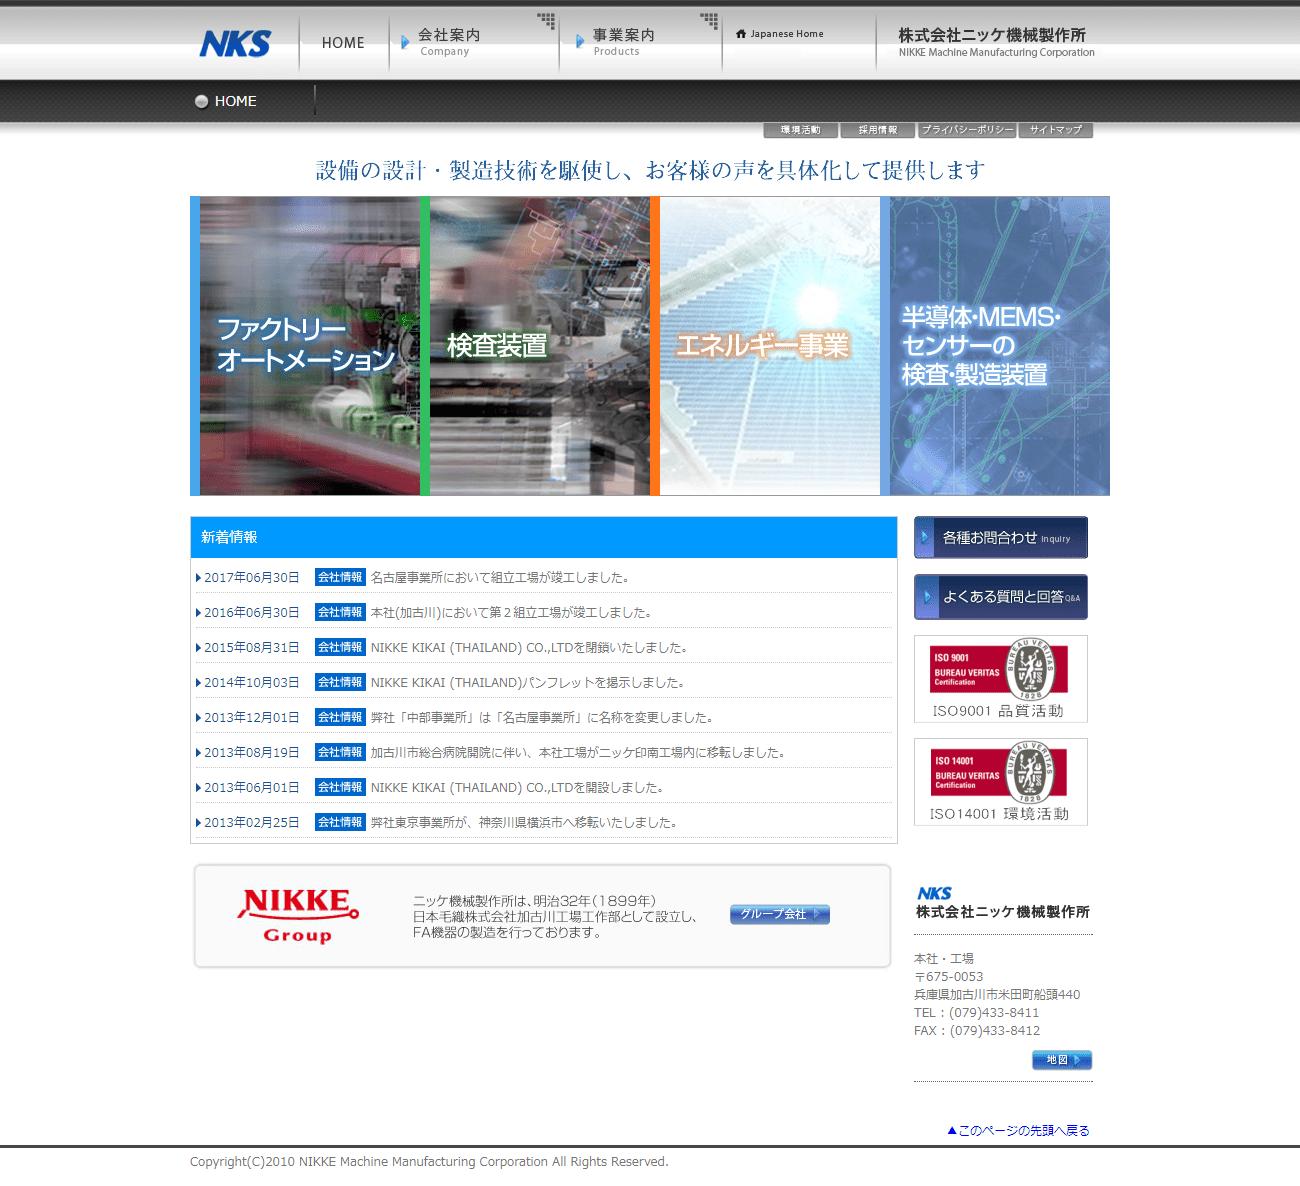 加古川市 株式会社ニッケ機械製作所 ホームページ制作1